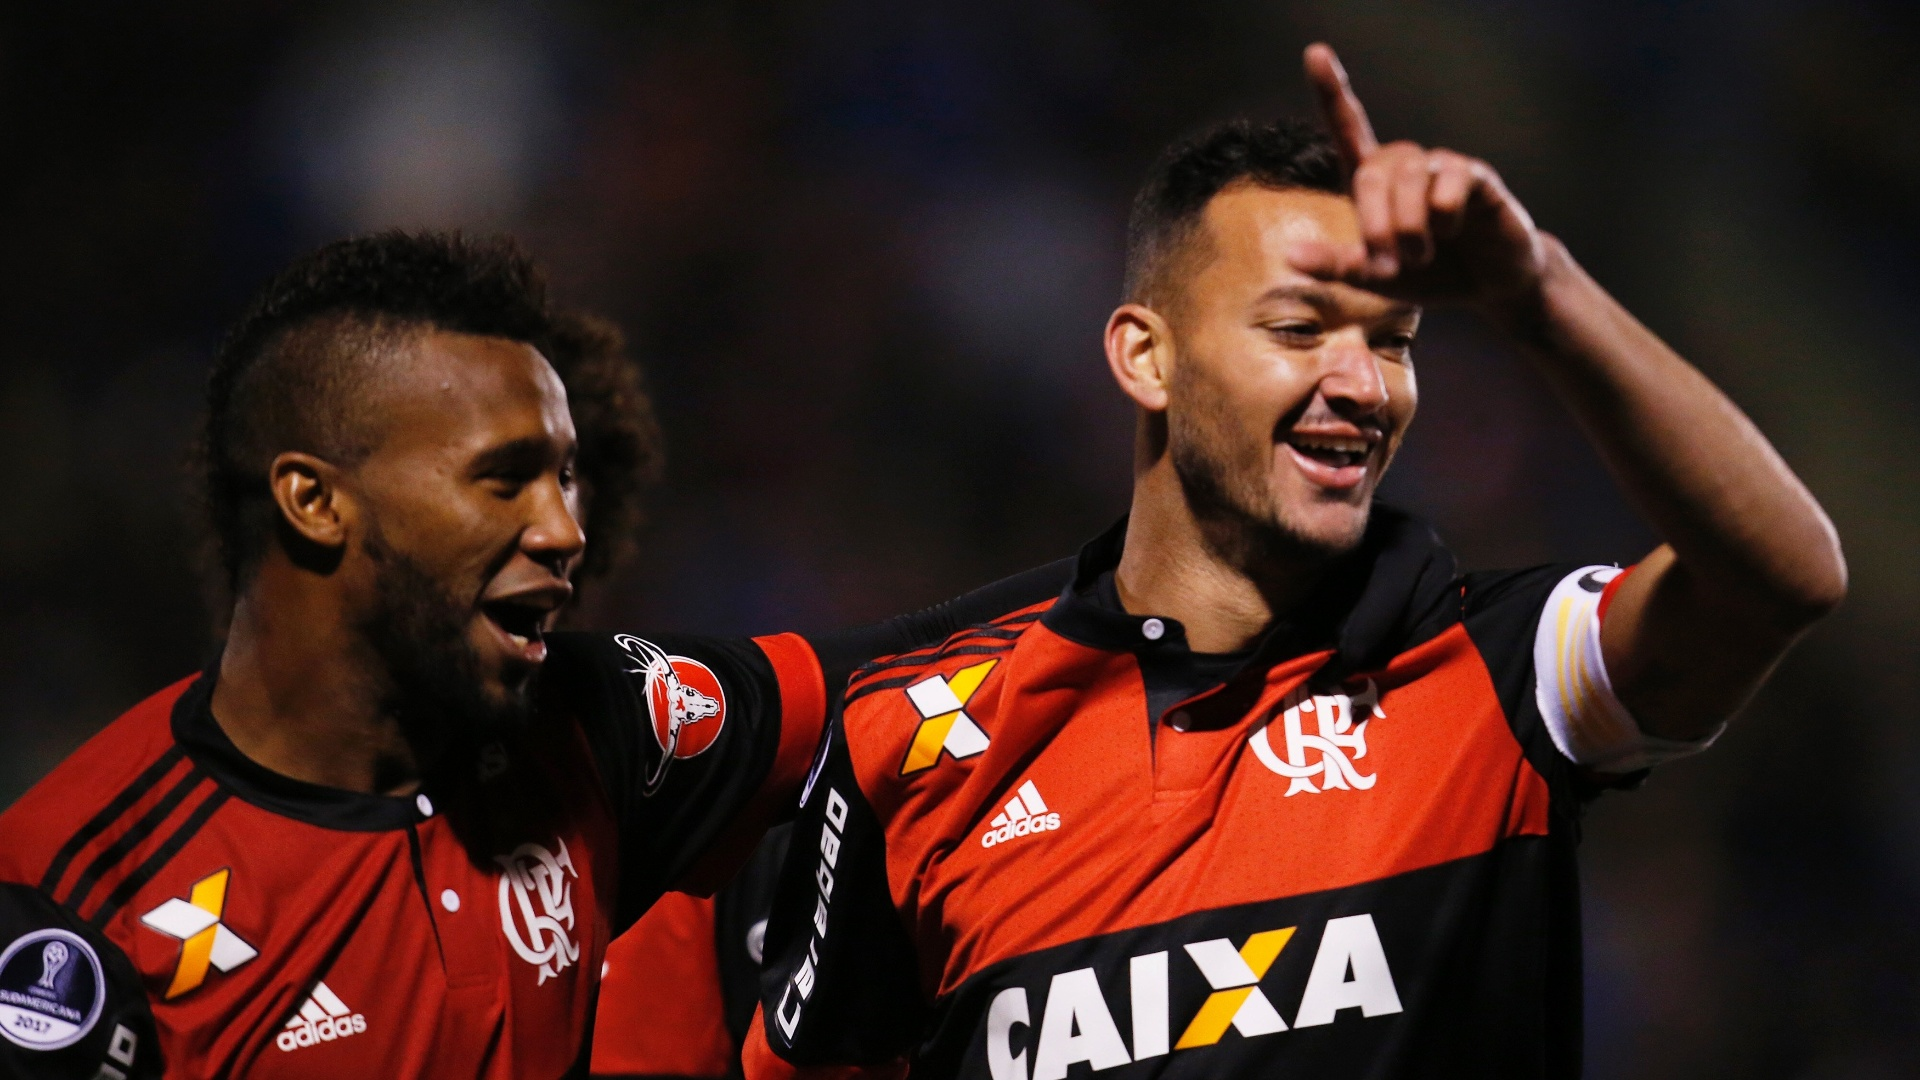 Rever abriu o placar para o Flamengo contra o Palestino na Sul-Americana